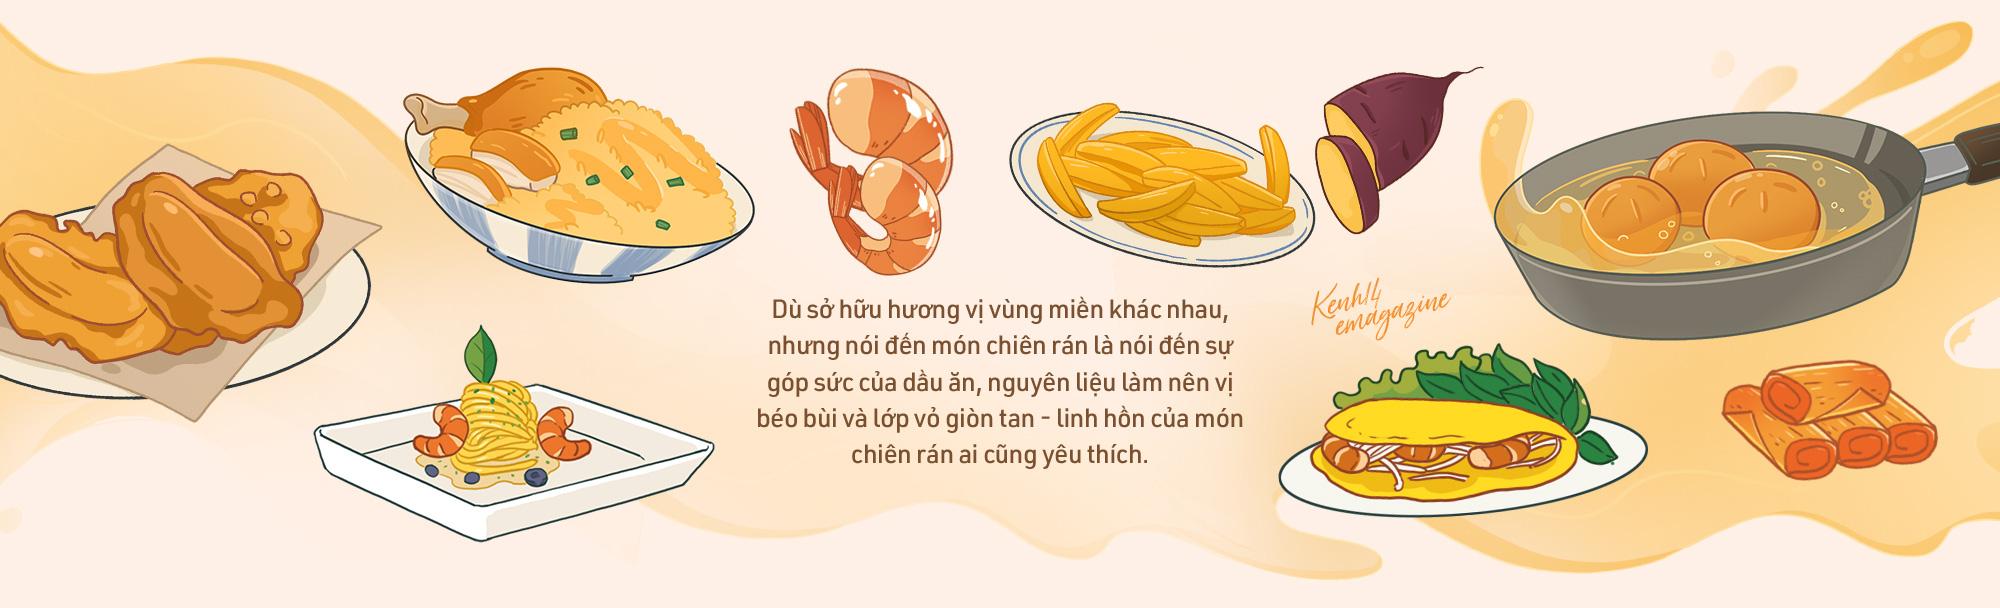 Bản đồ ẩm thực Việt chưa bao giờ thiếu những món chiên rán giòn ngon mà vùng nào cũng có, bí mật nằm ở đâu? - Ảnh 7.